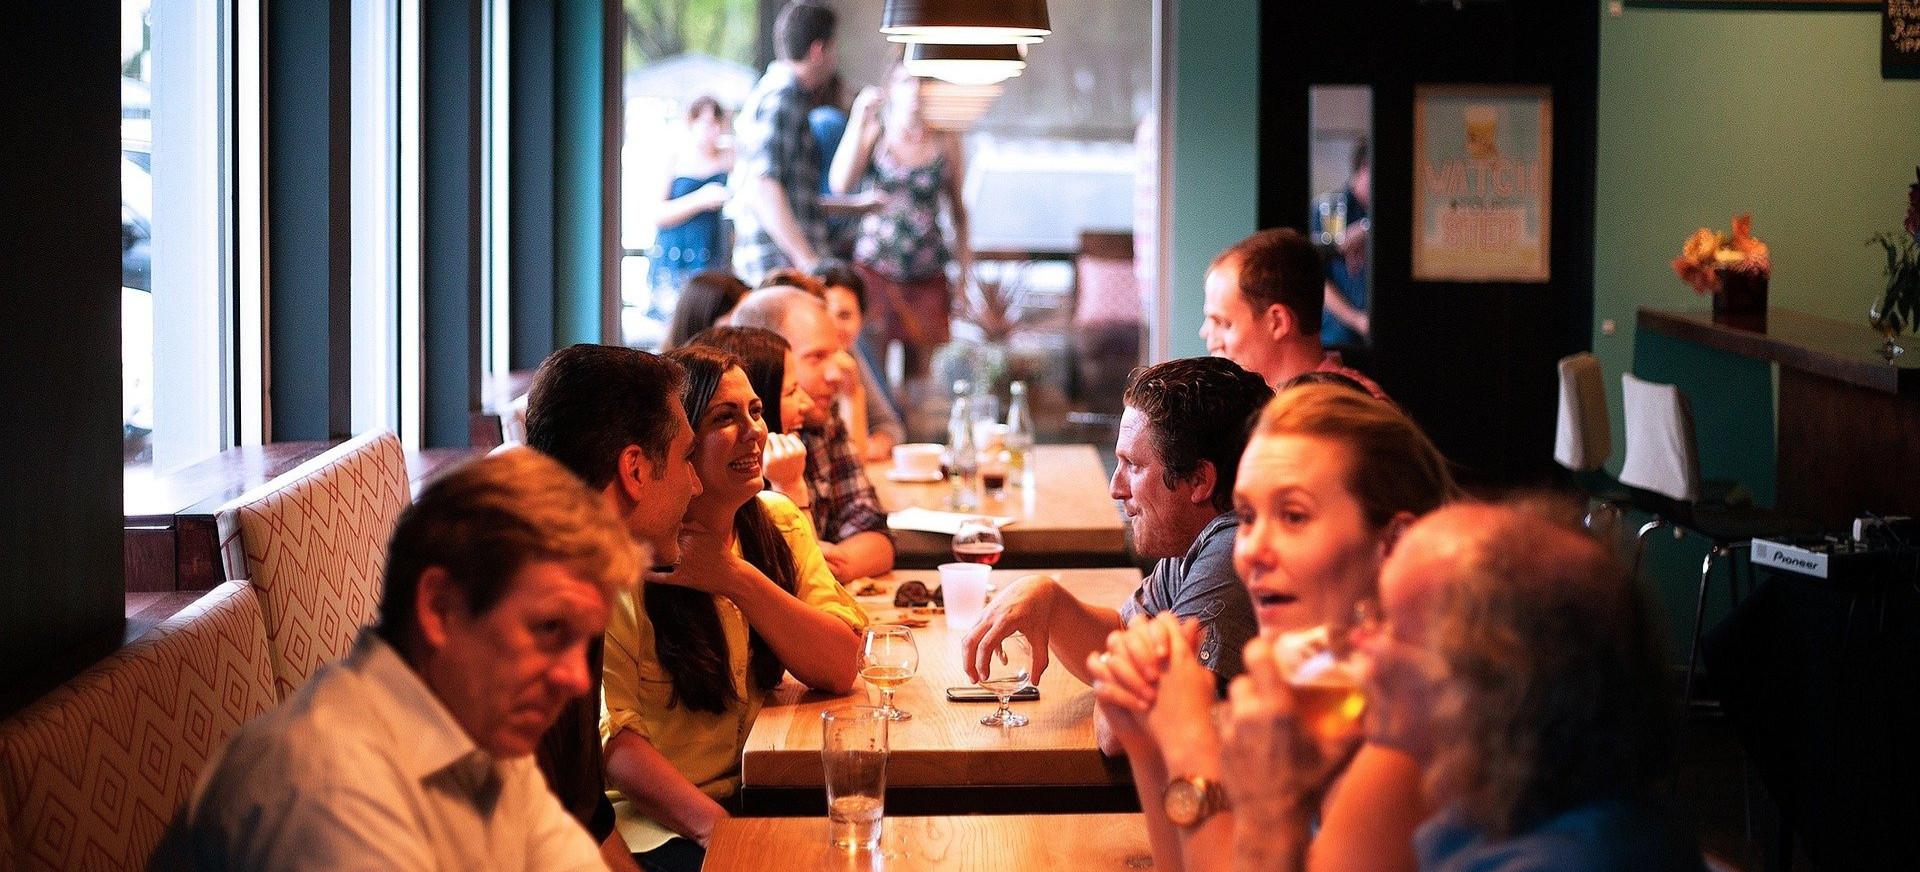 POLSKA: 20 tysięcy lokali gastronomicznych wznowiło działalność mimo lockdownu